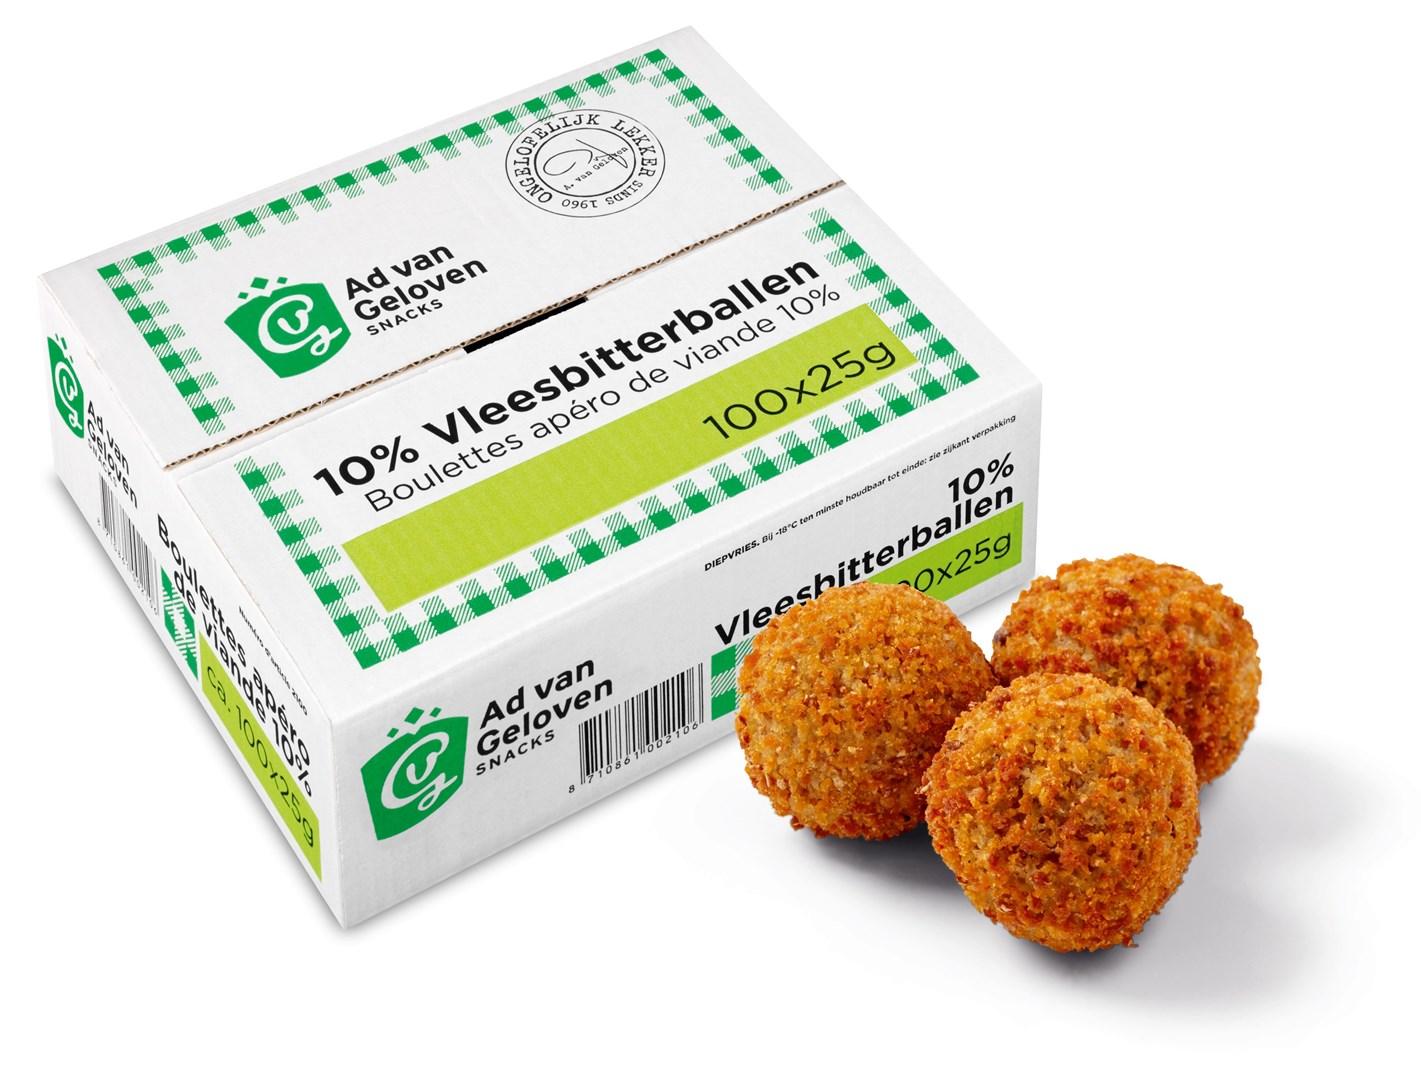 Productafbeelding Ad van Geloven 10% draadjesvleesbitterbal 100 x 25 gram